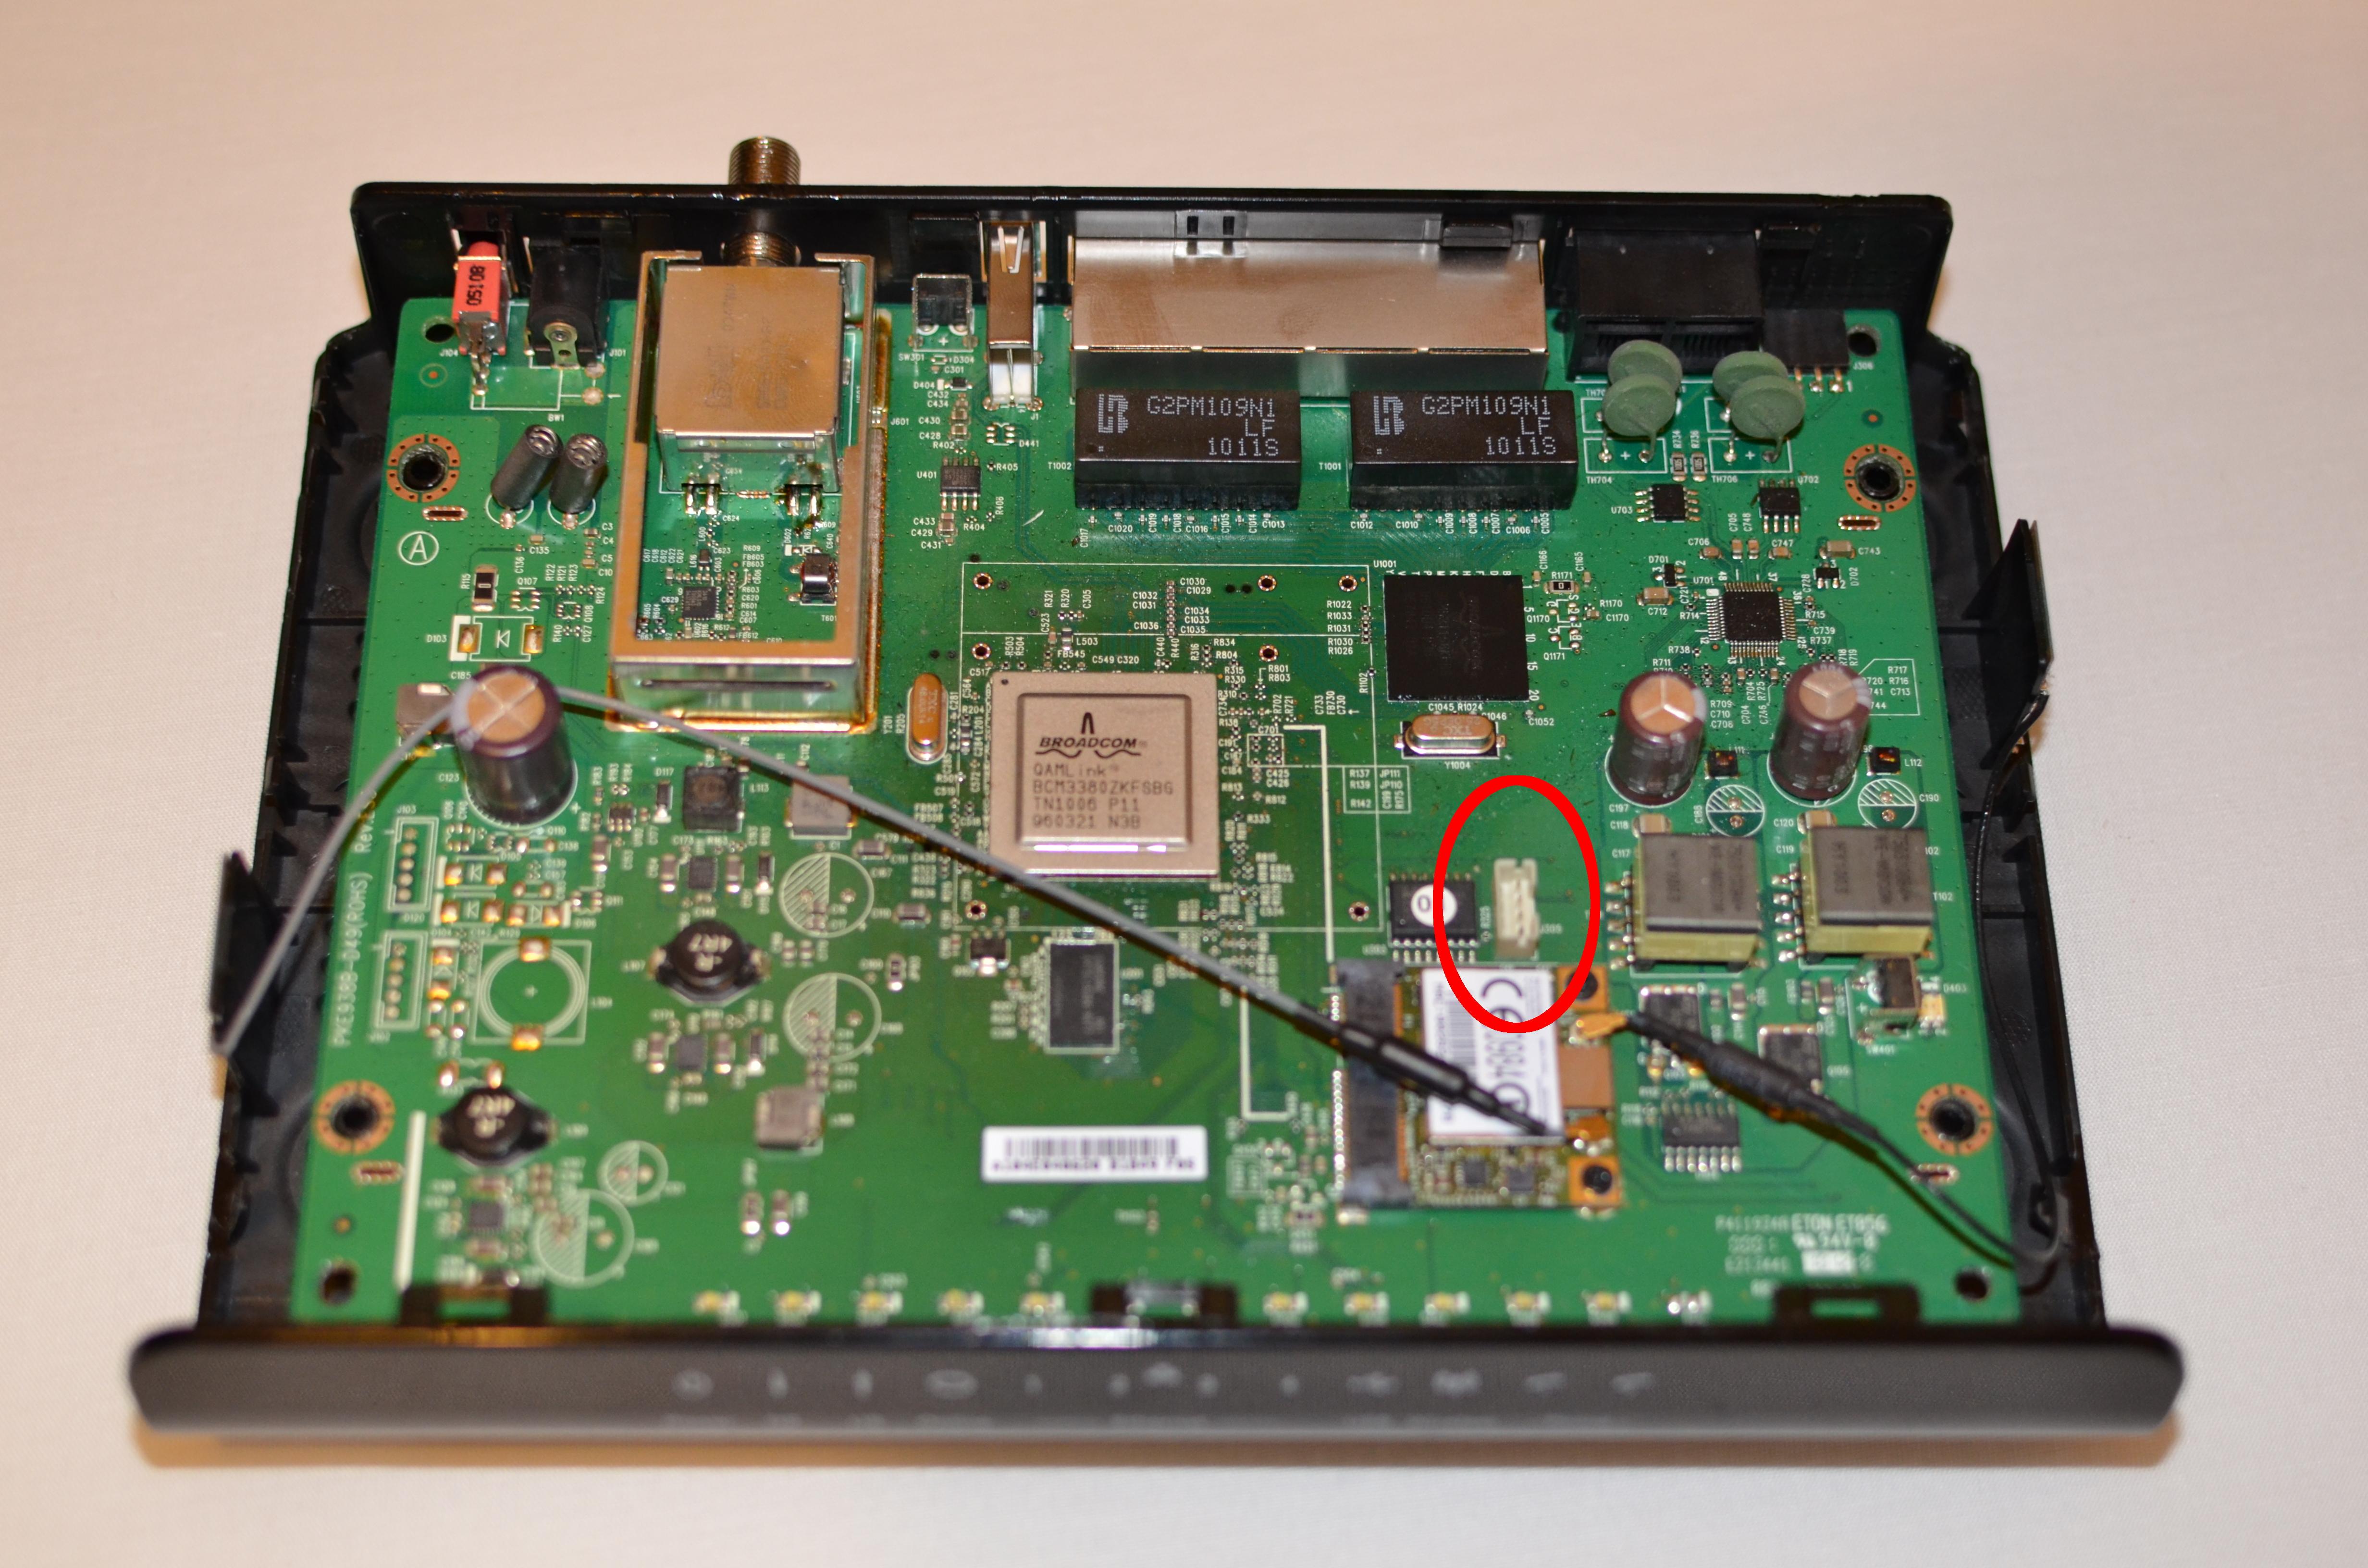 technicolor tc7200 firmware download